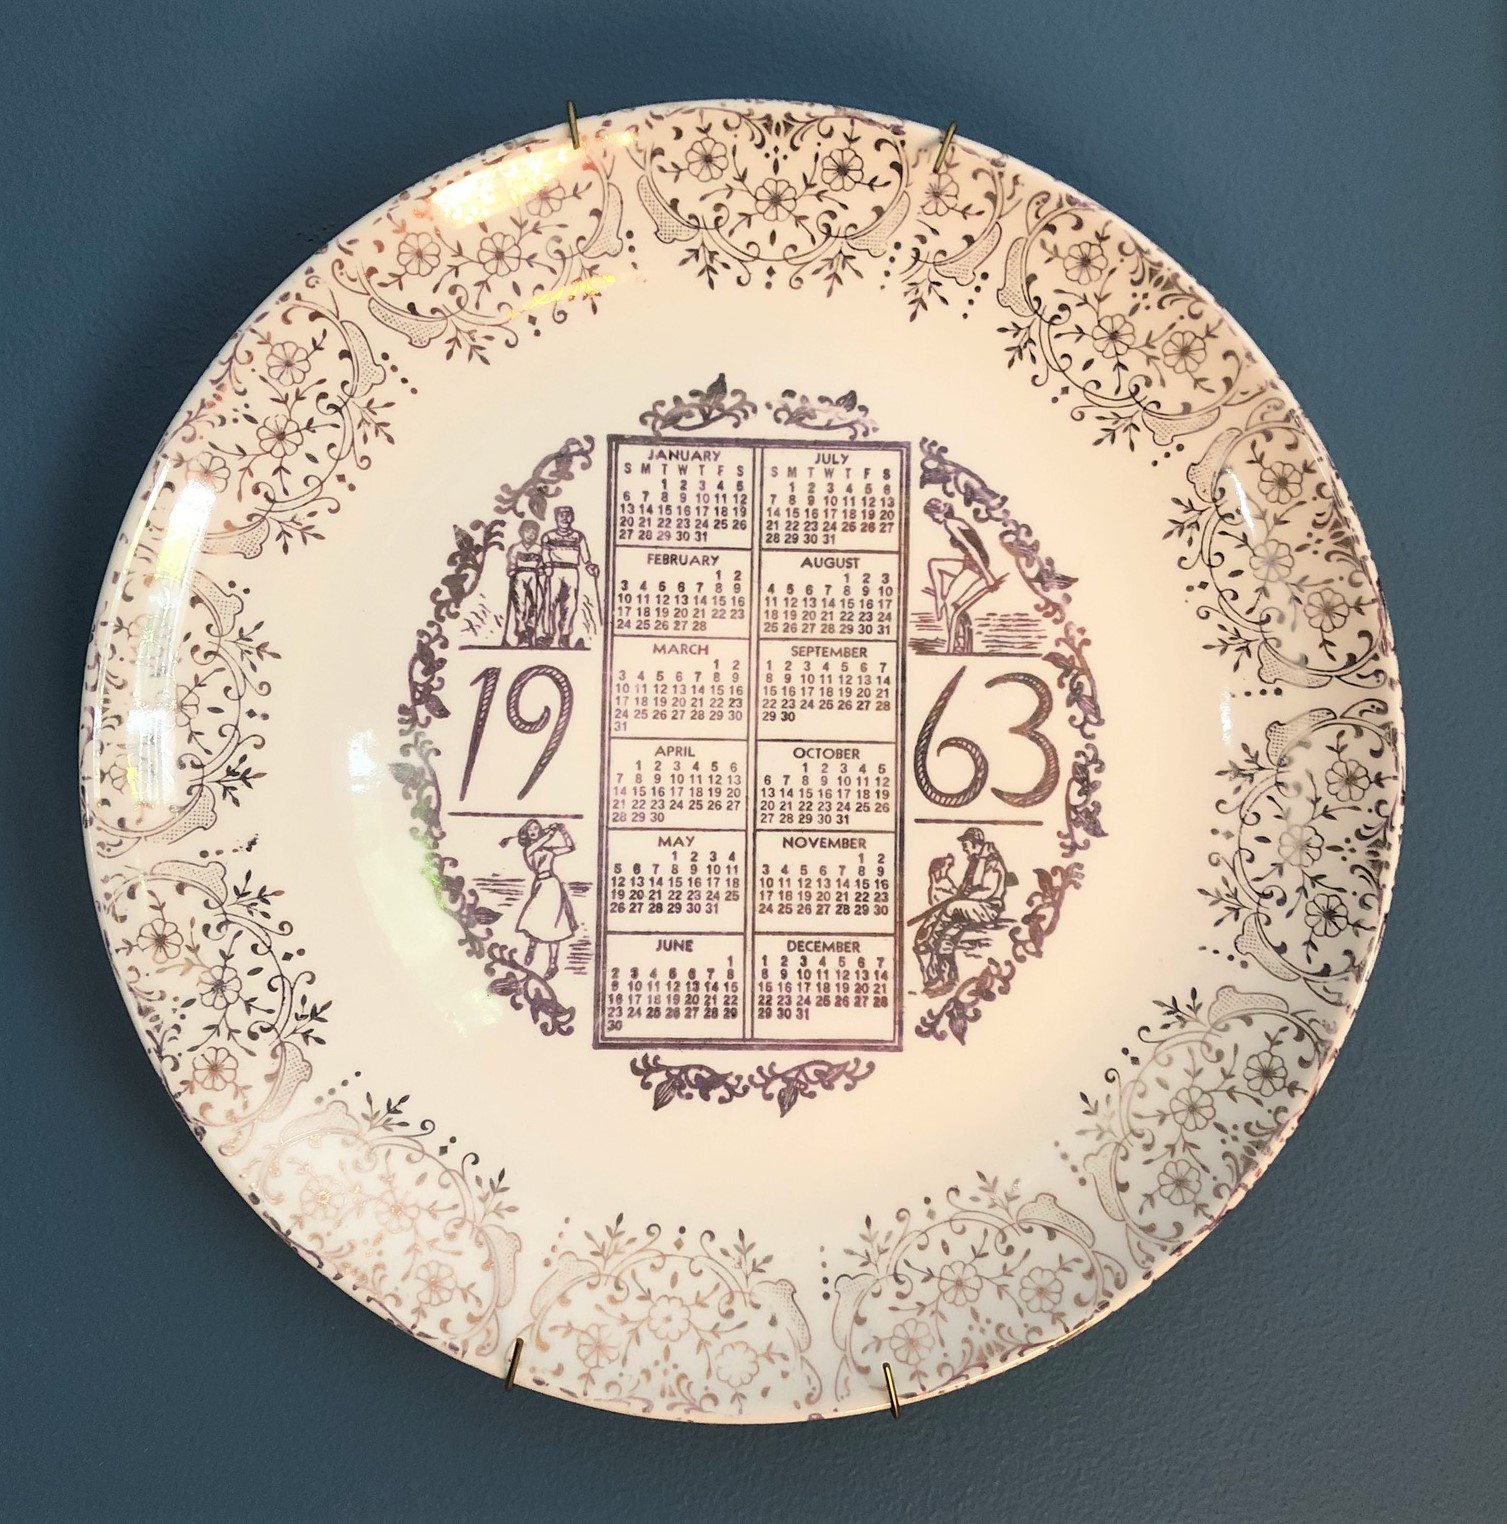 1963 Calendar Plate